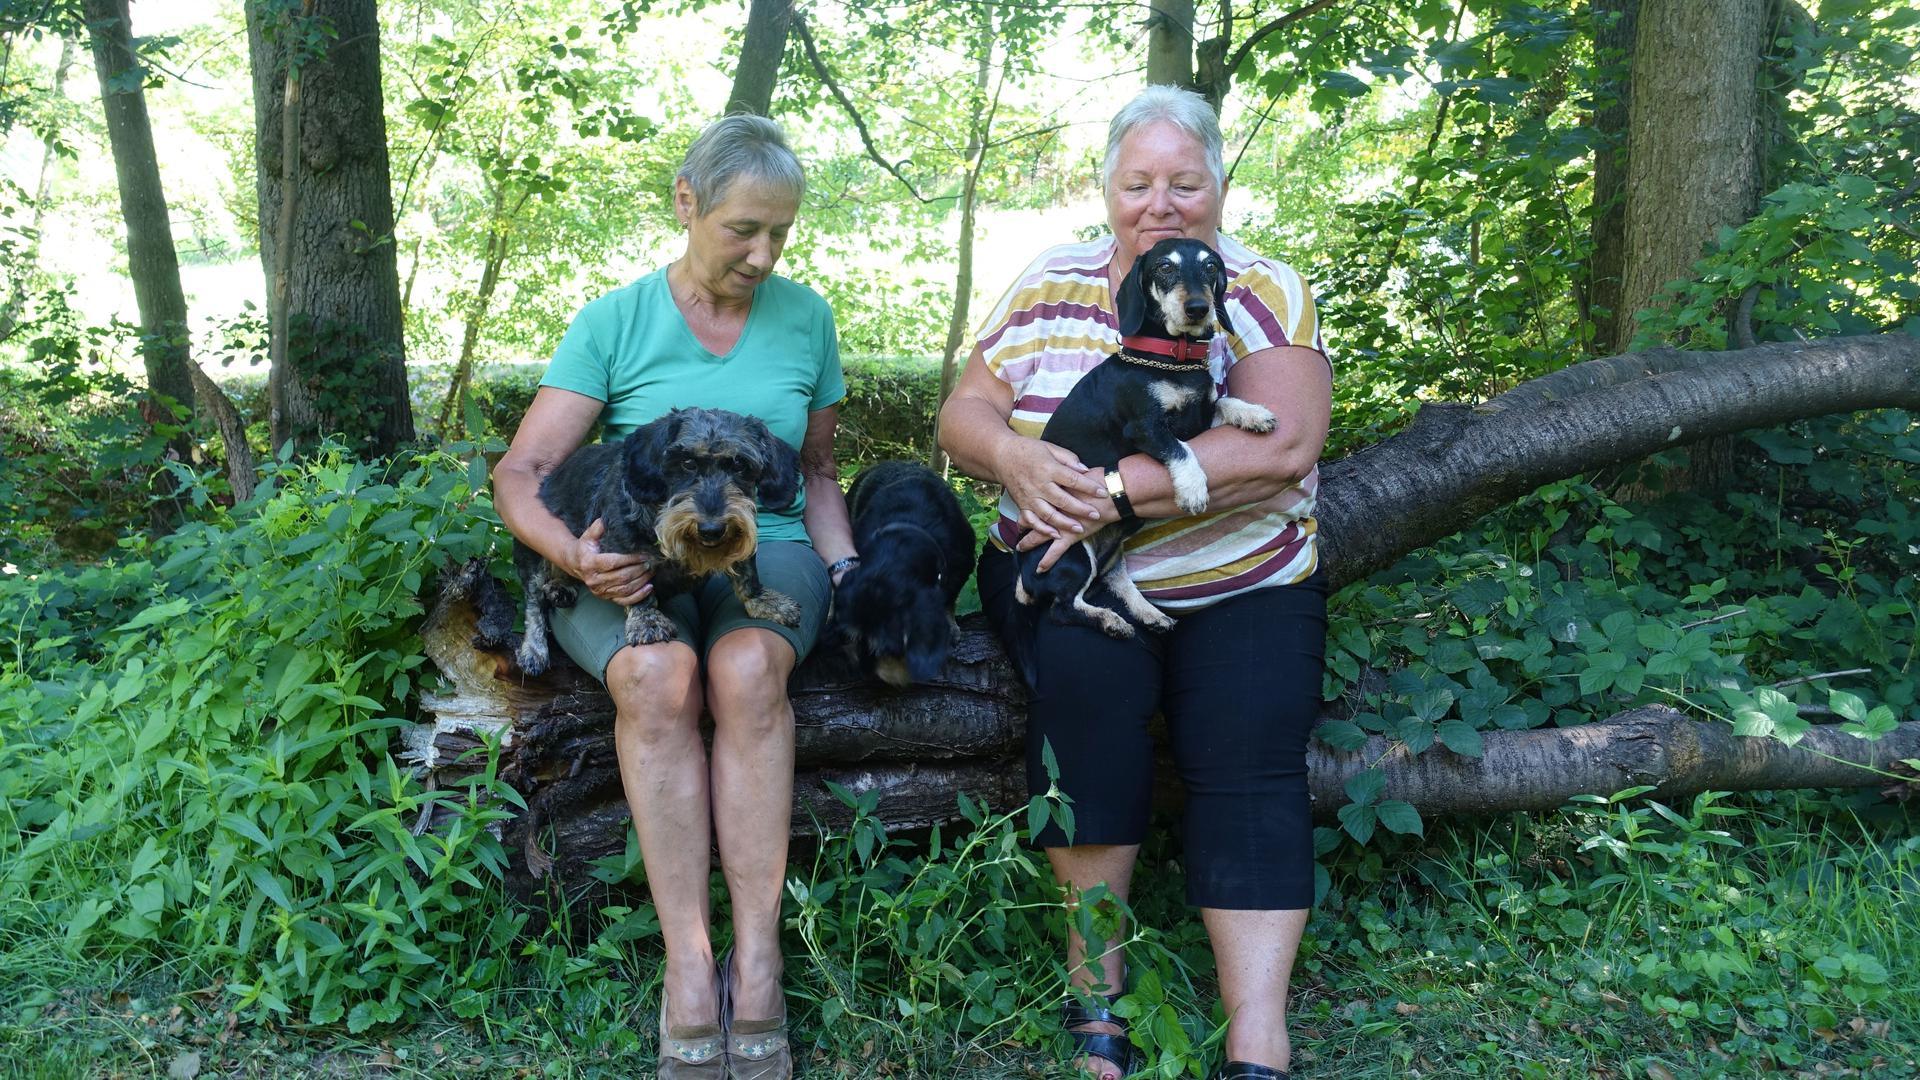 Zwei Frauen mit drei Dackeln unter Bäumen.